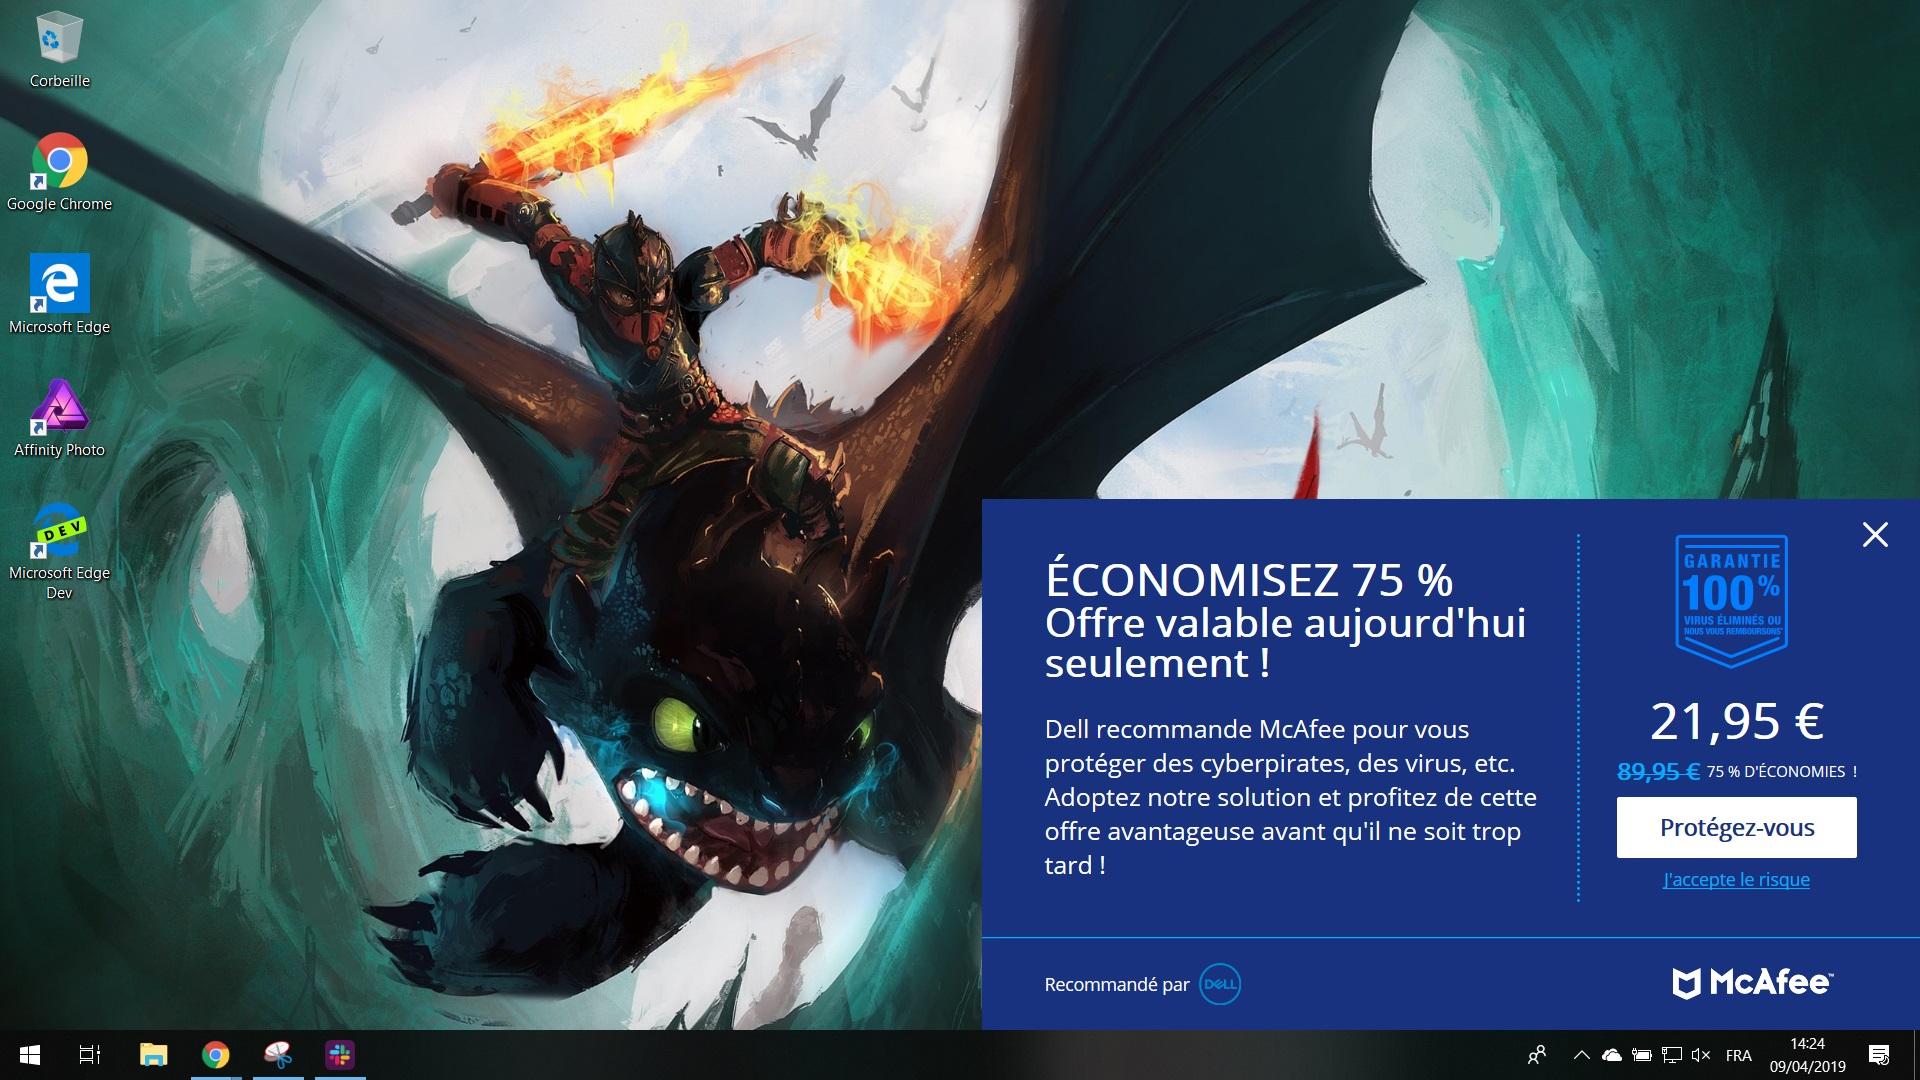 La publicité de McAfee sur le Dell XPS13